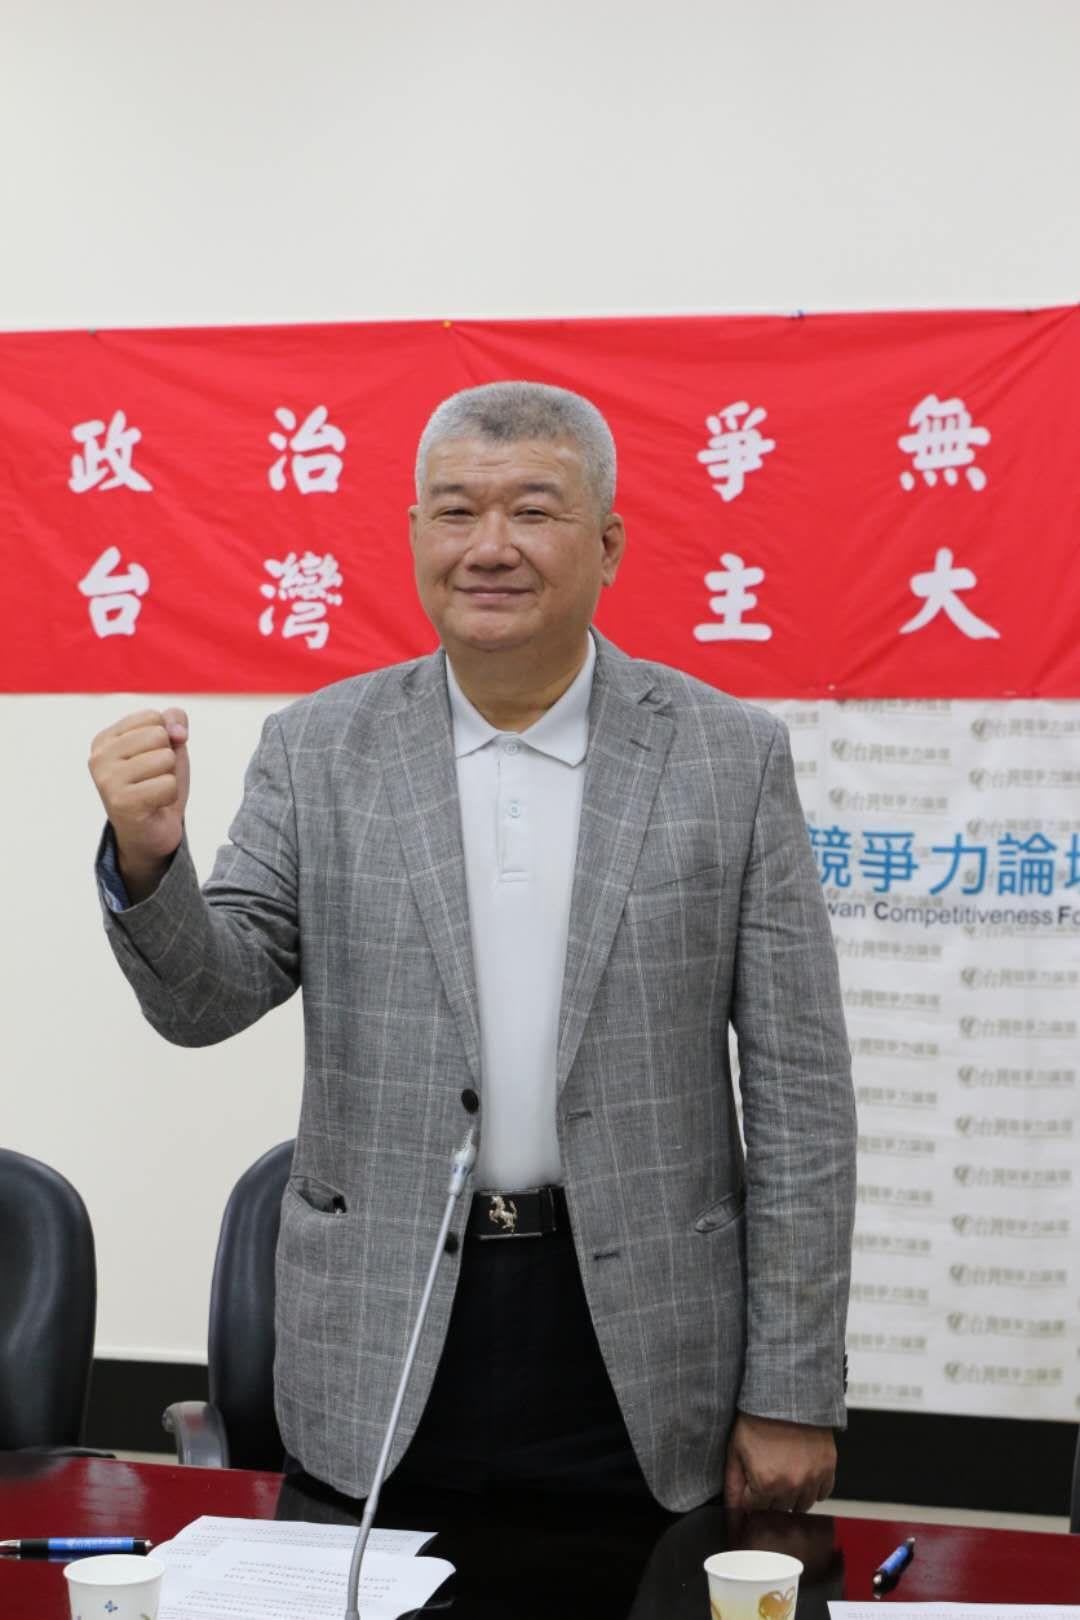 台湾竞争力论坛执行长谢明辉